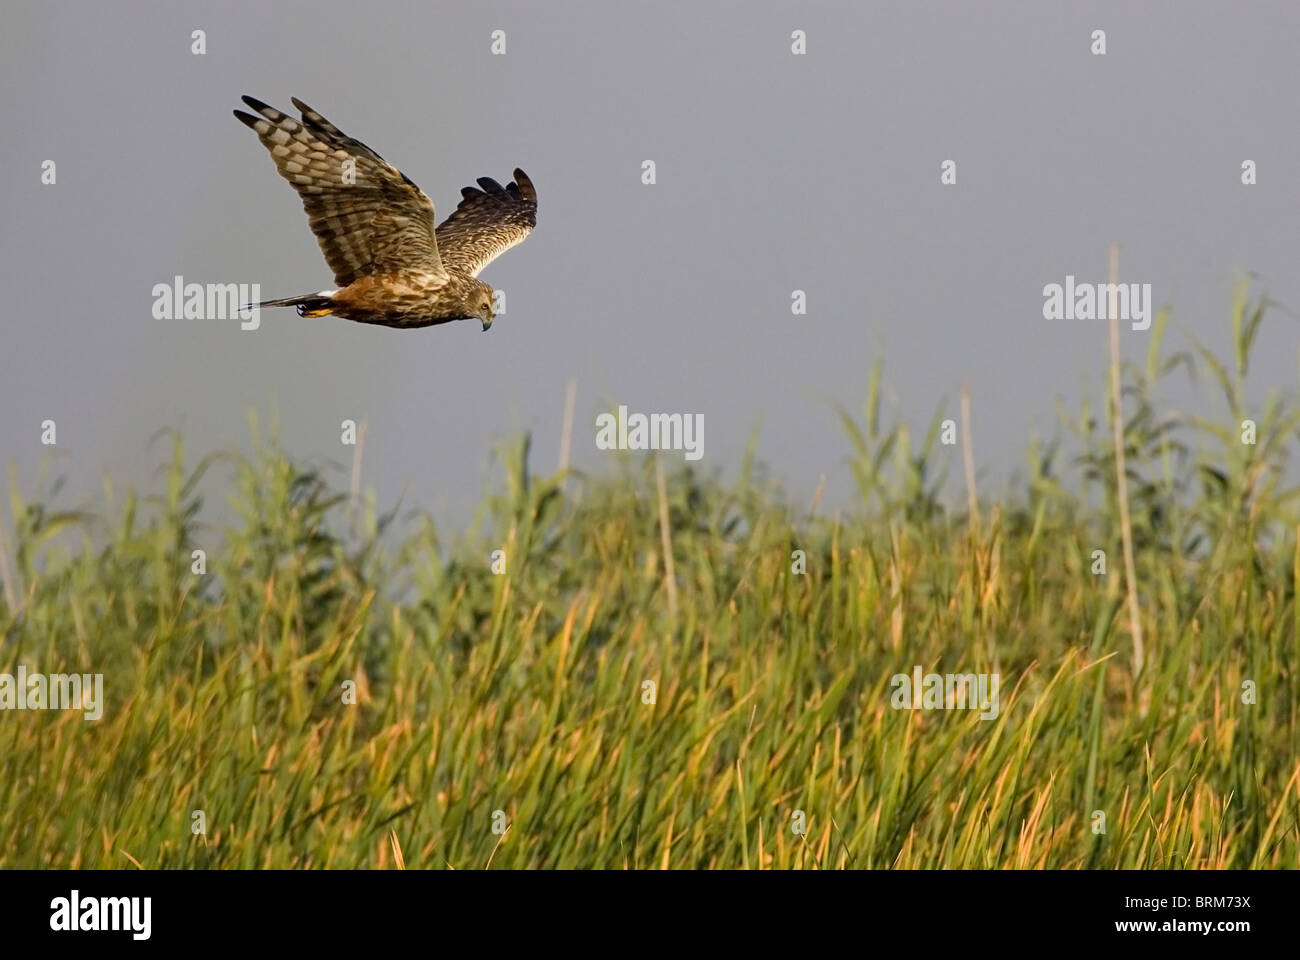 African marsh harrier flying over long grass - Stock Image